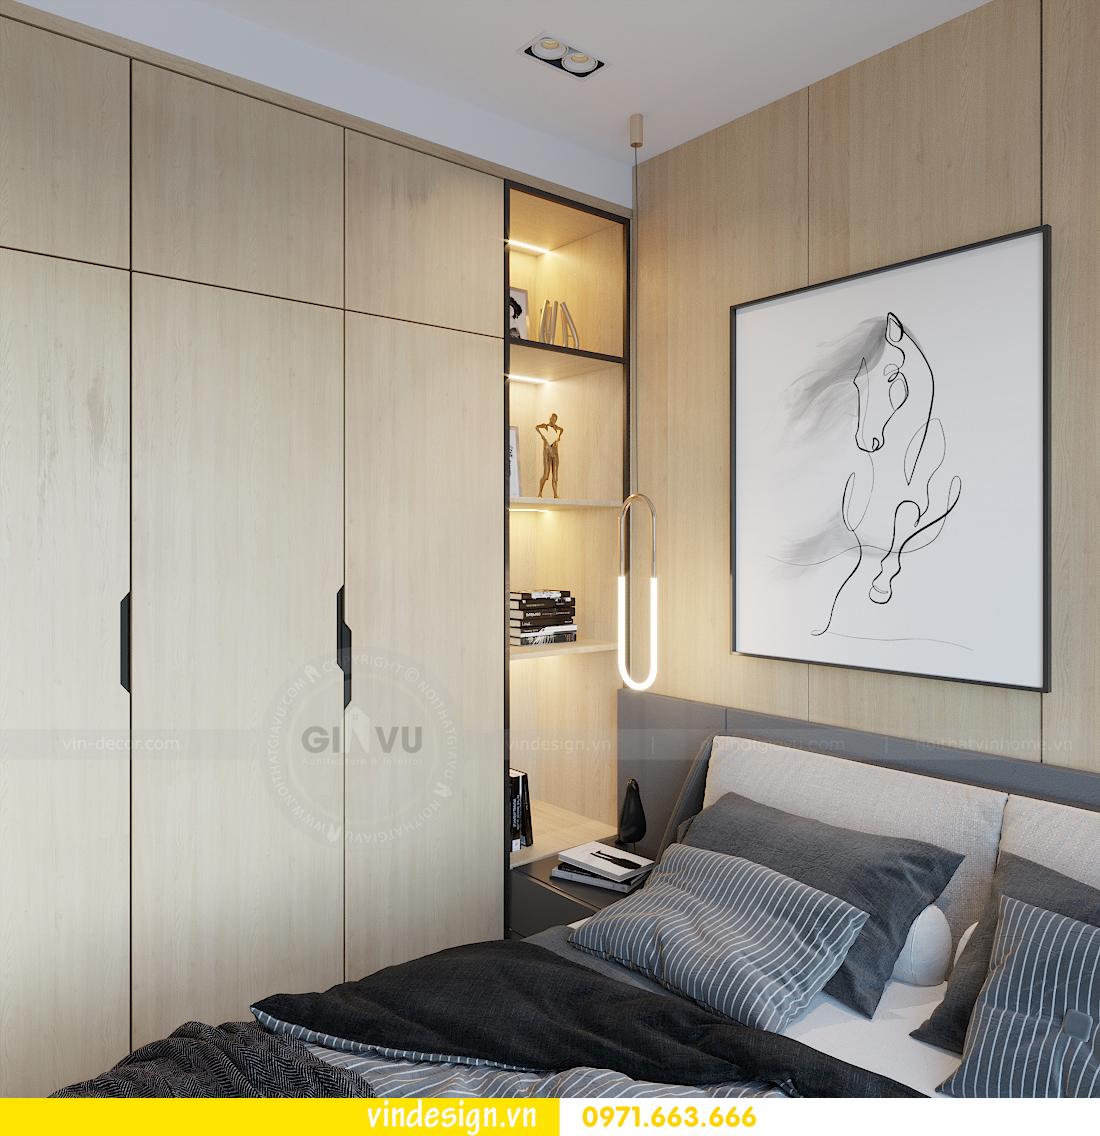 mẫu thiết kế nội thất căn hộ Smart City tòa S101 căn 11 7